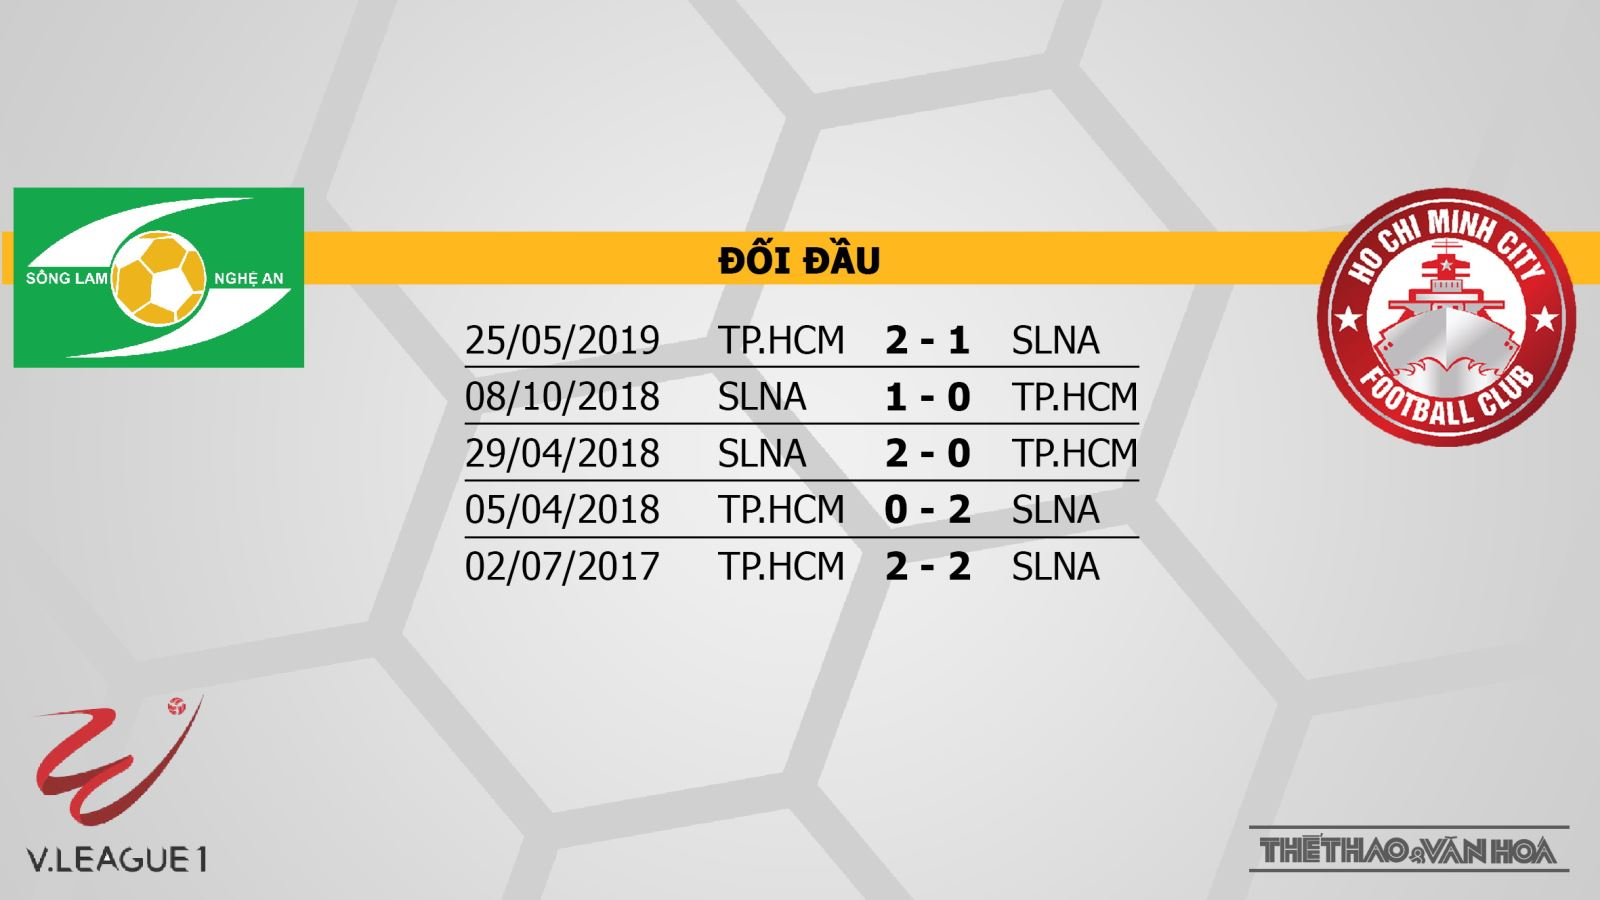 trực tiếp bóng đá, SLNA vs TP.HCM, SLNA đấu với TP.HCM, soi kèo bóng đá, truc tiep bong da, bong da hom nay, V-League 2019, VTV6, Bóng đá TV, FPT Play